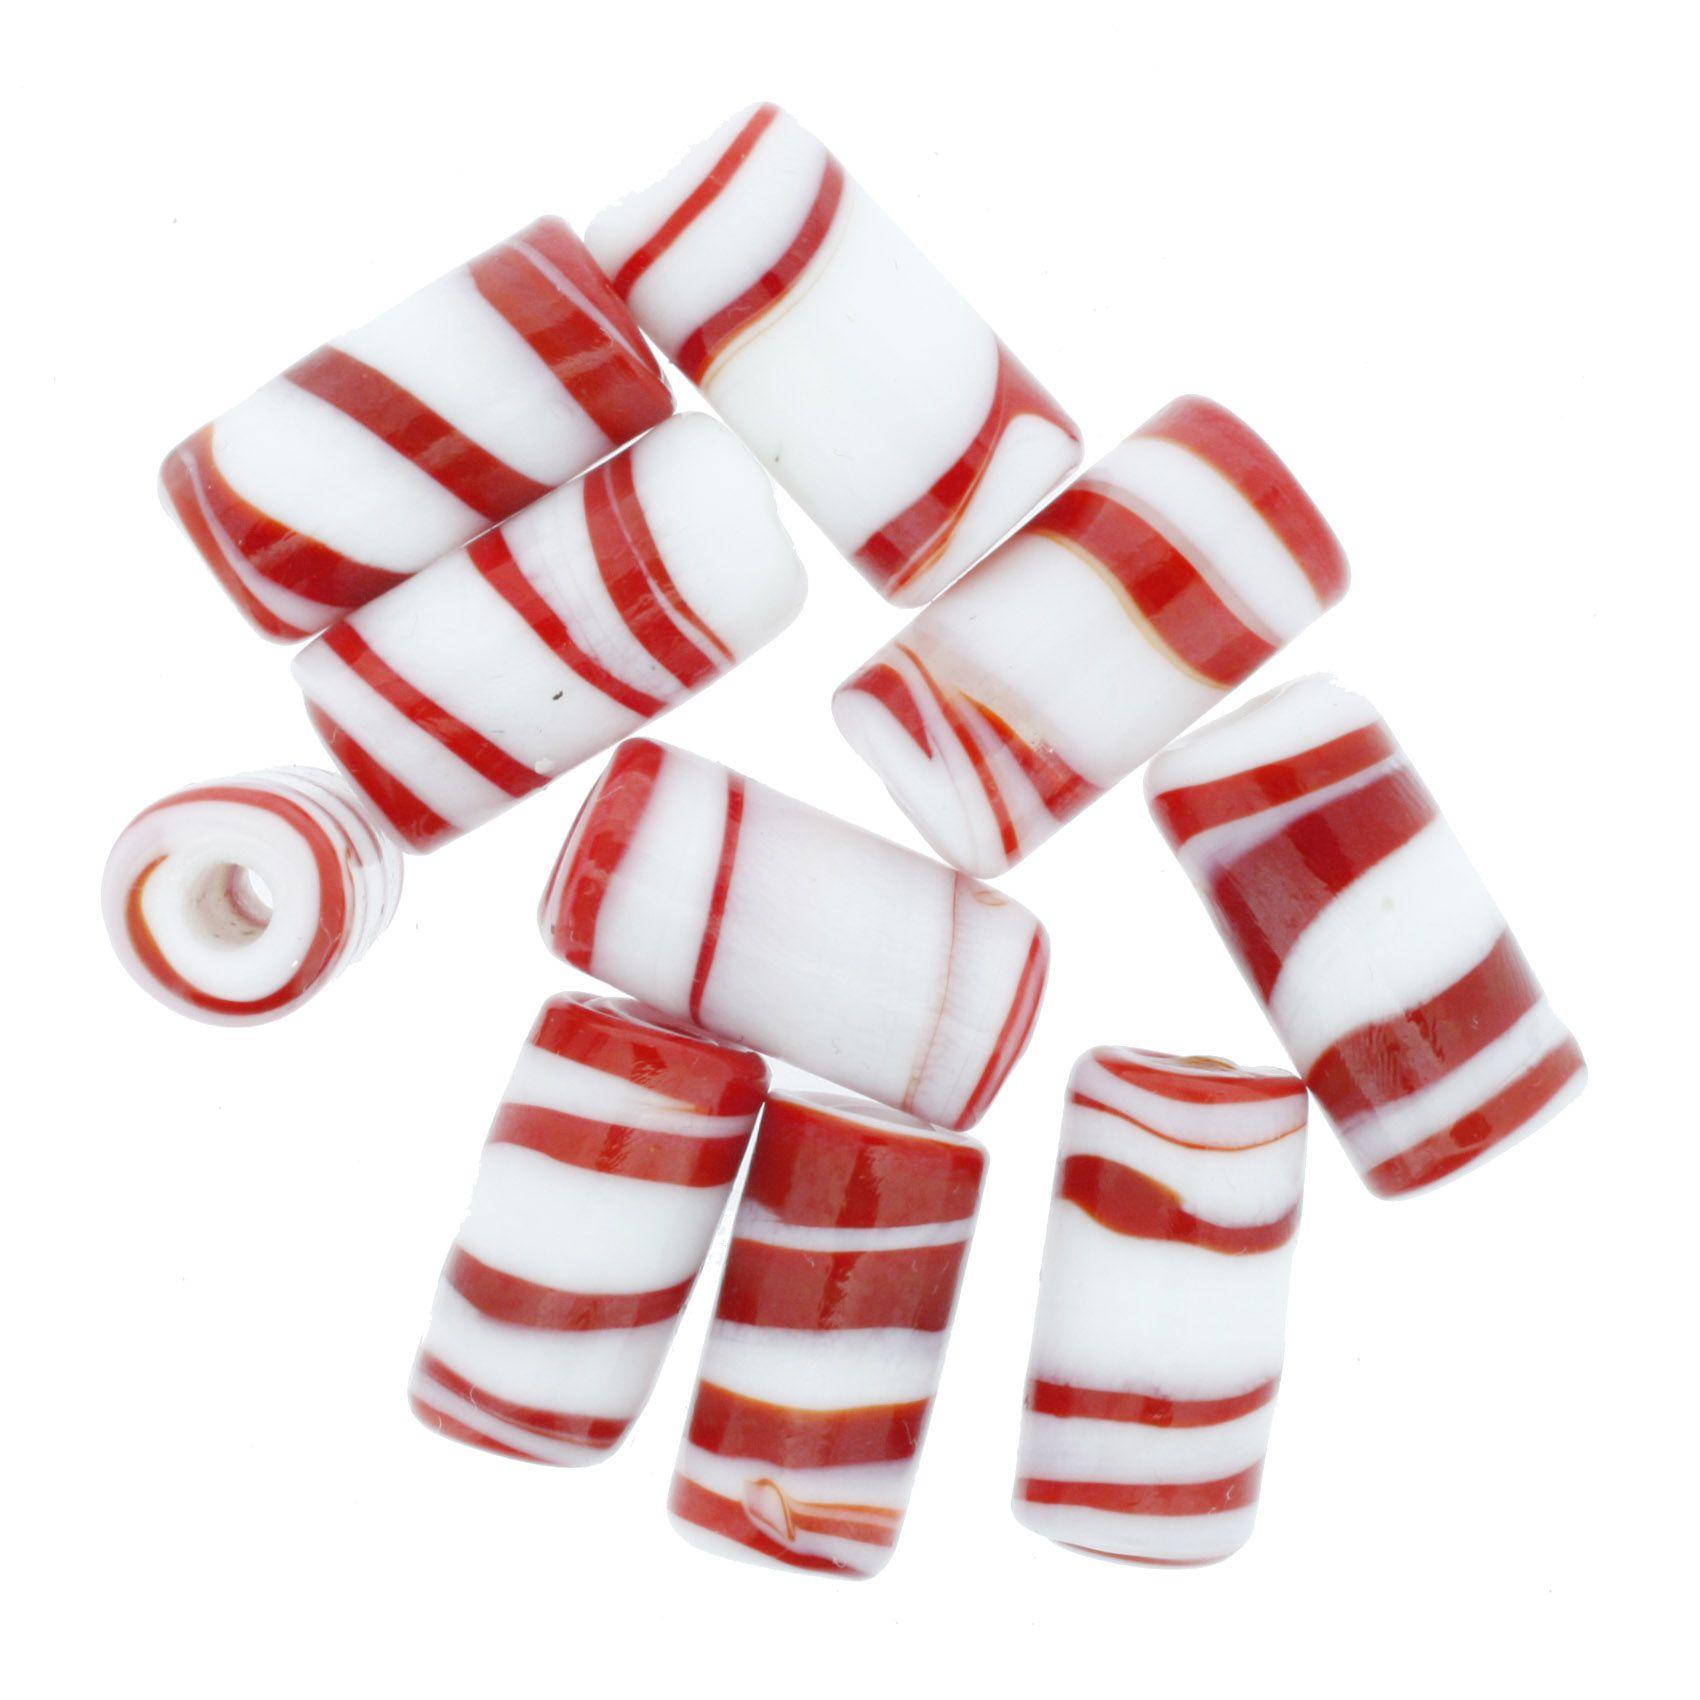 Firma Rajada - Branca e Vermelha  - Stéphanie Bijoux® - Peças para Bijuterias e Artesanato